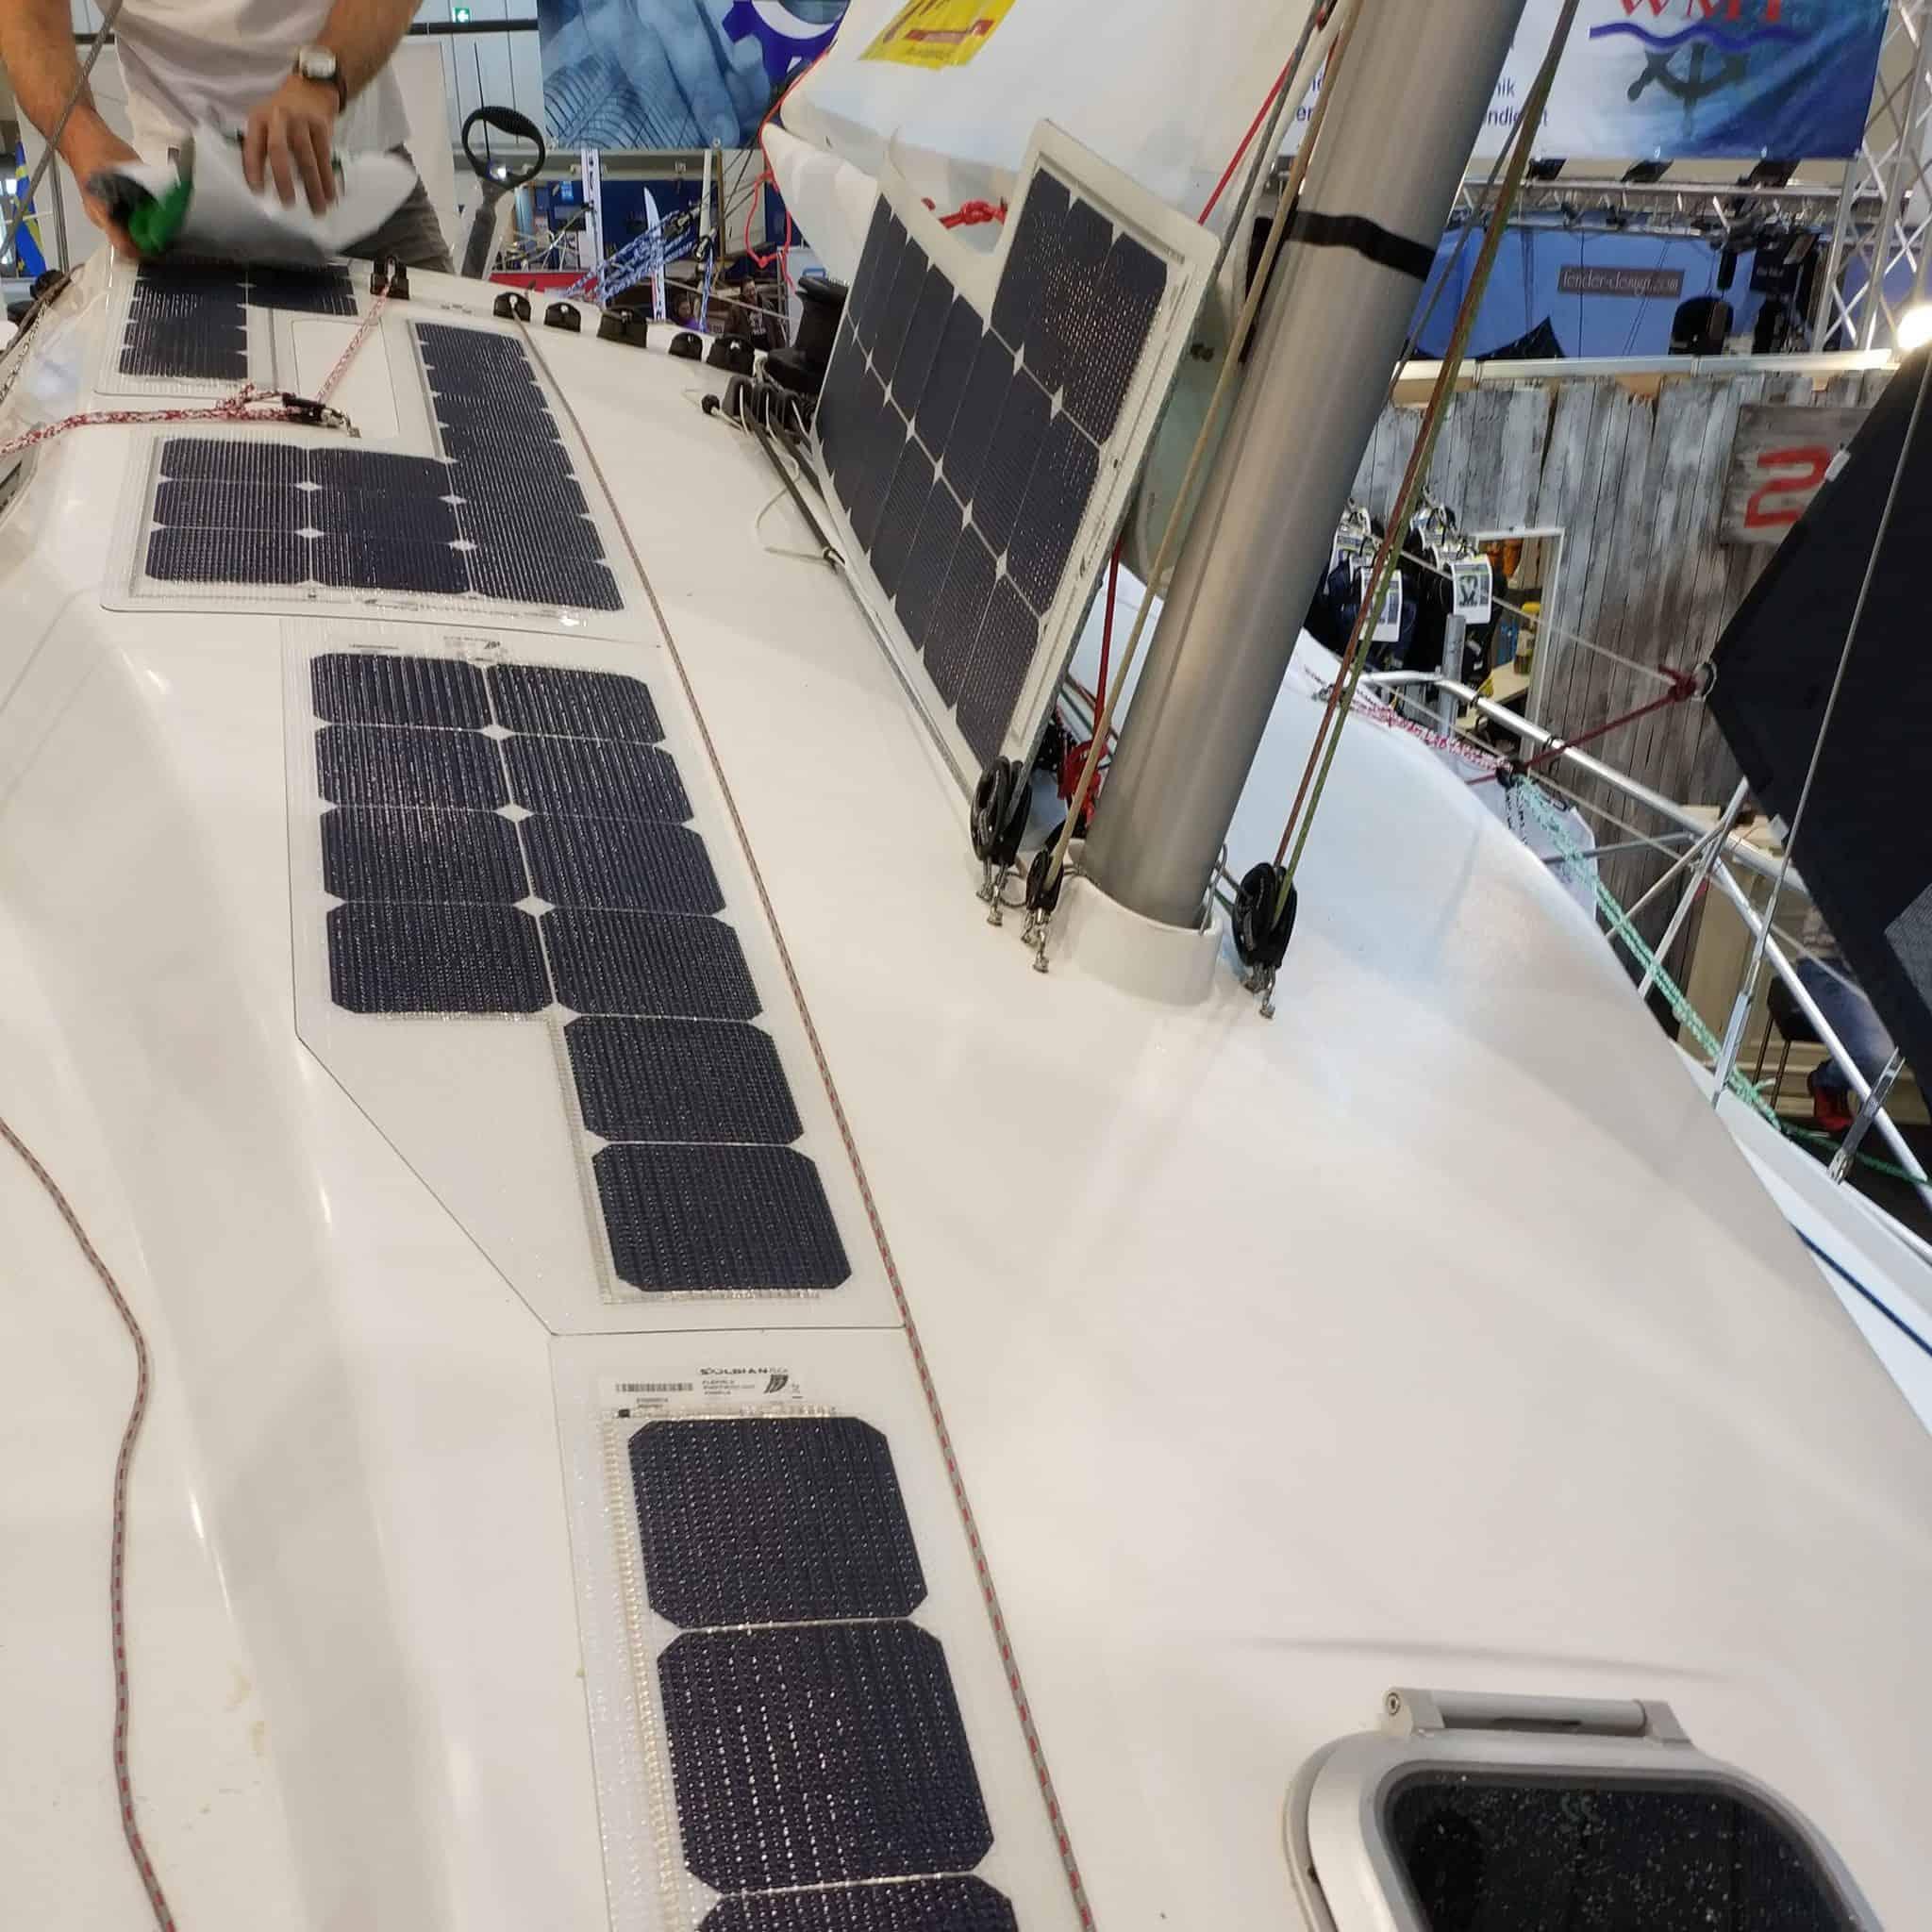 idb maxi-650 solar minitransat solbian mini 6.50